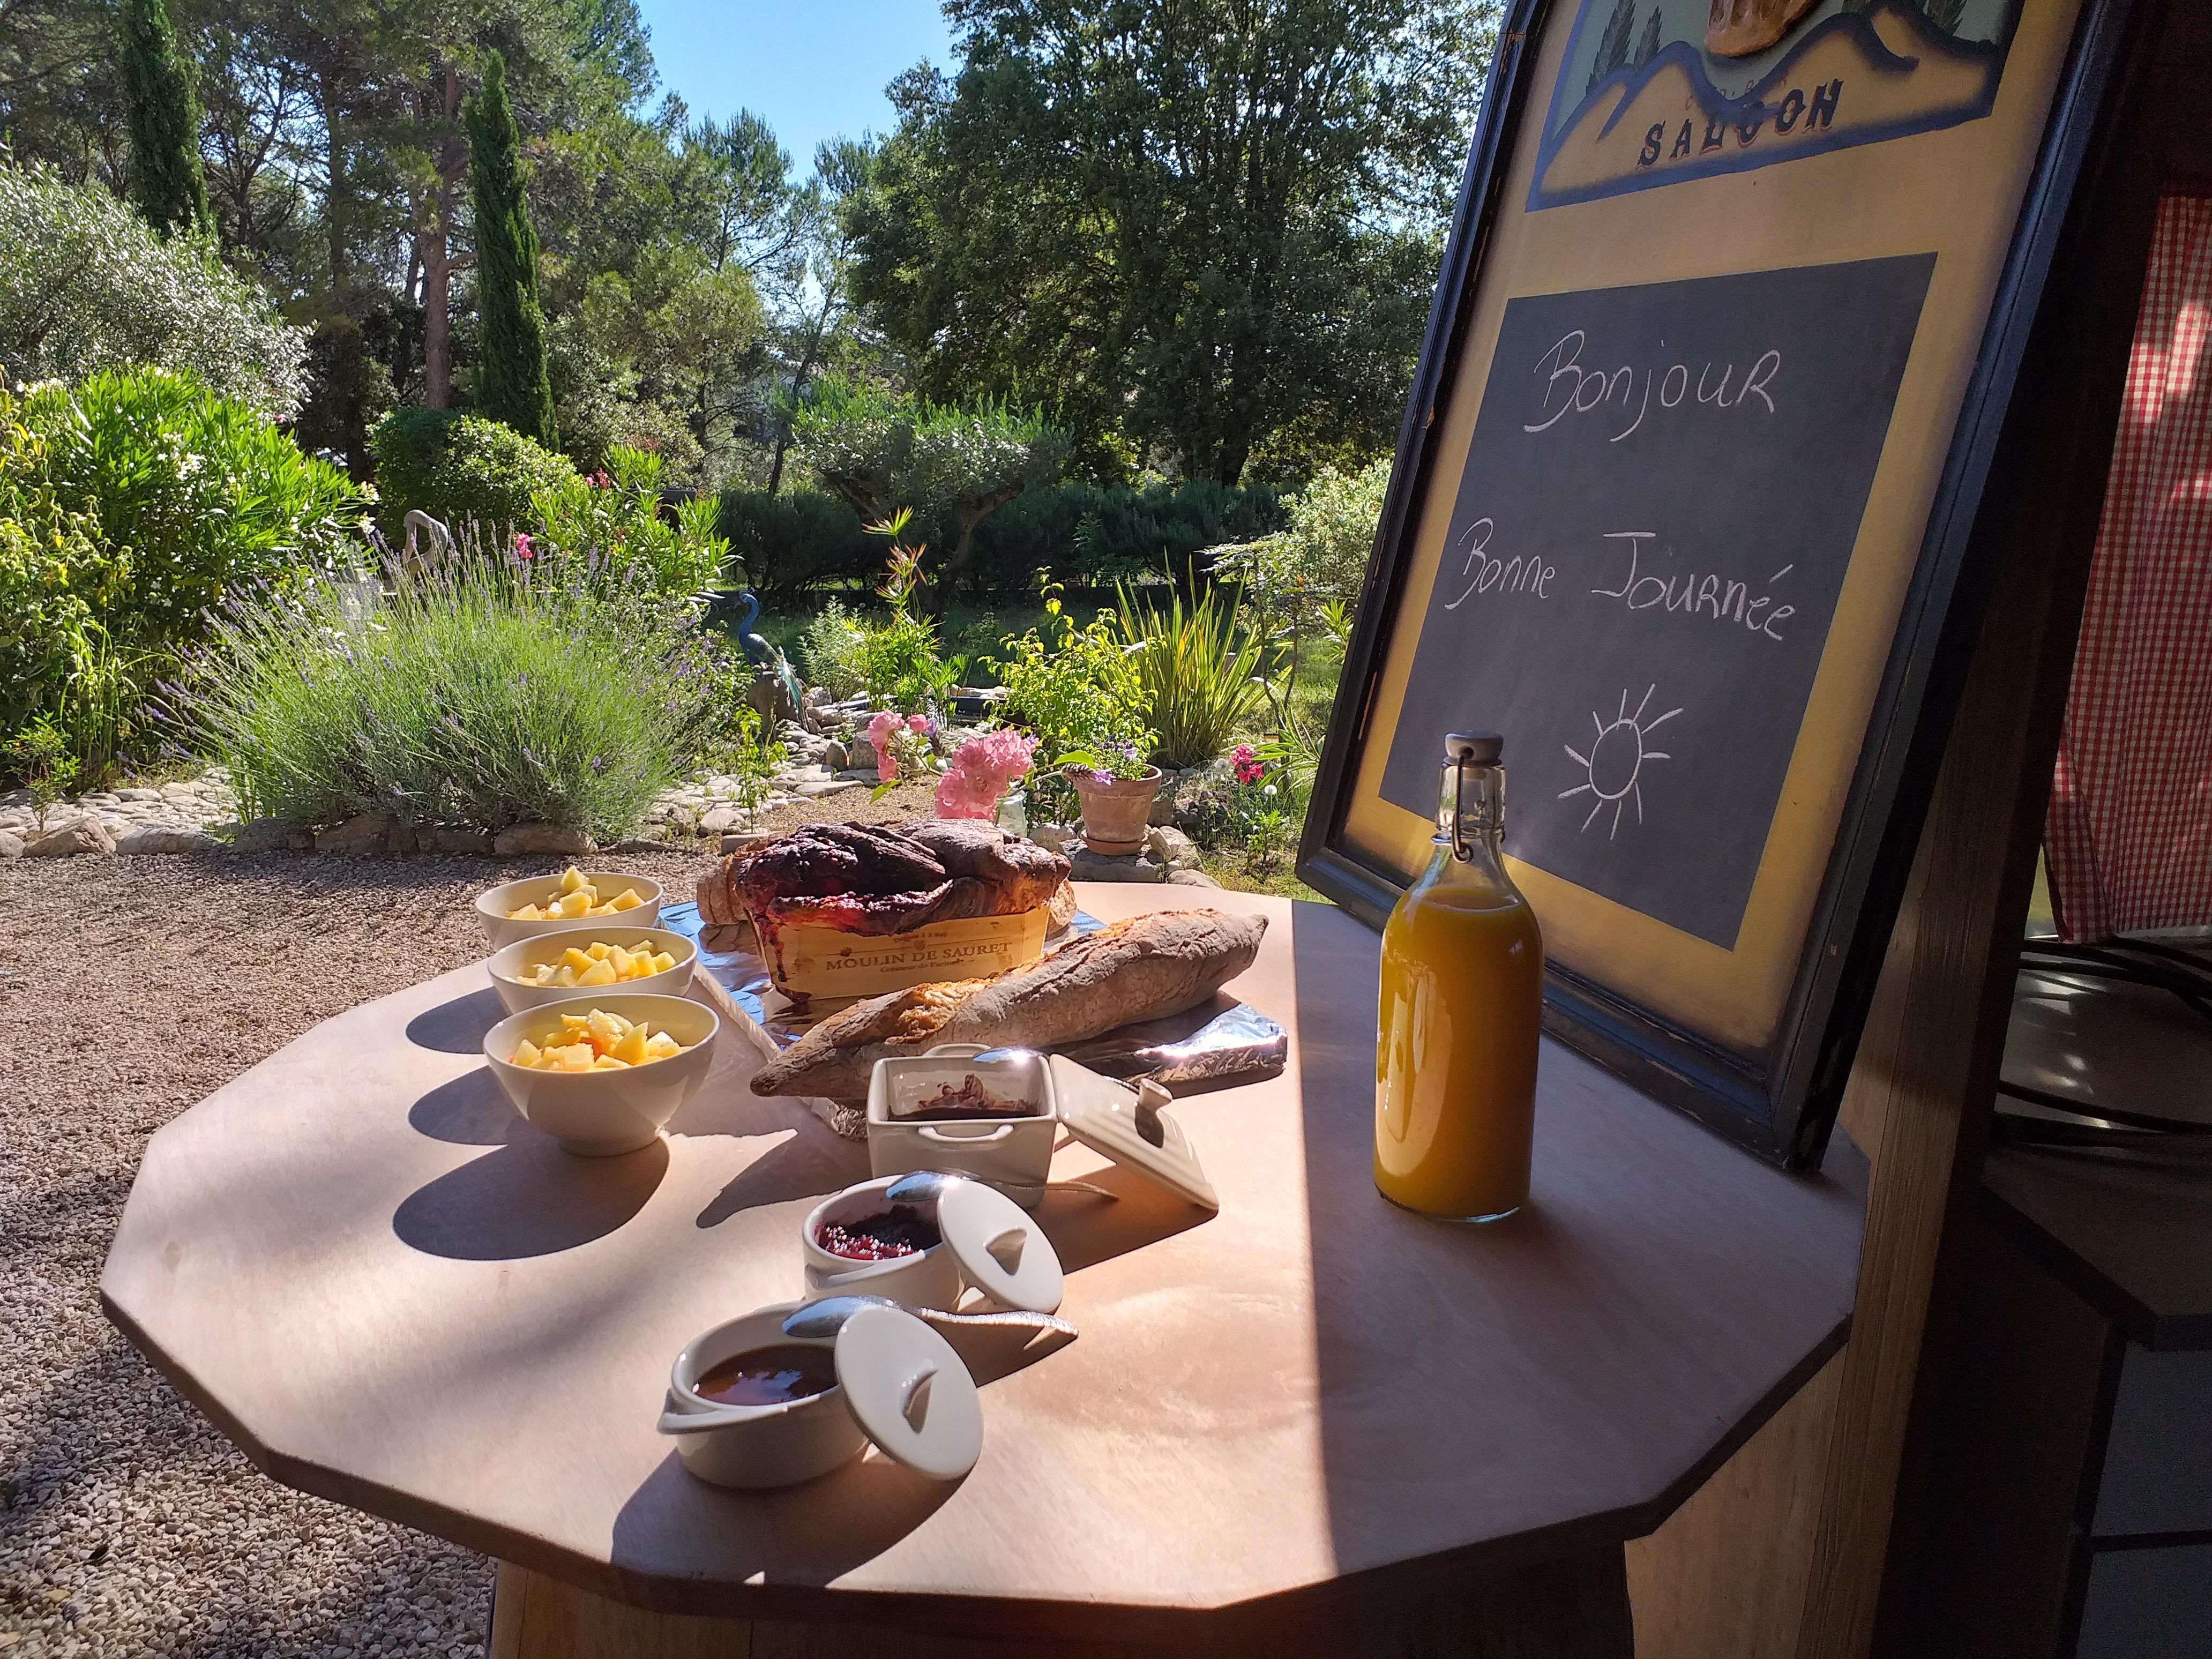 temps fort petit dejeuner - gite roulotte entre vignes et oliviers - cevennes - gard